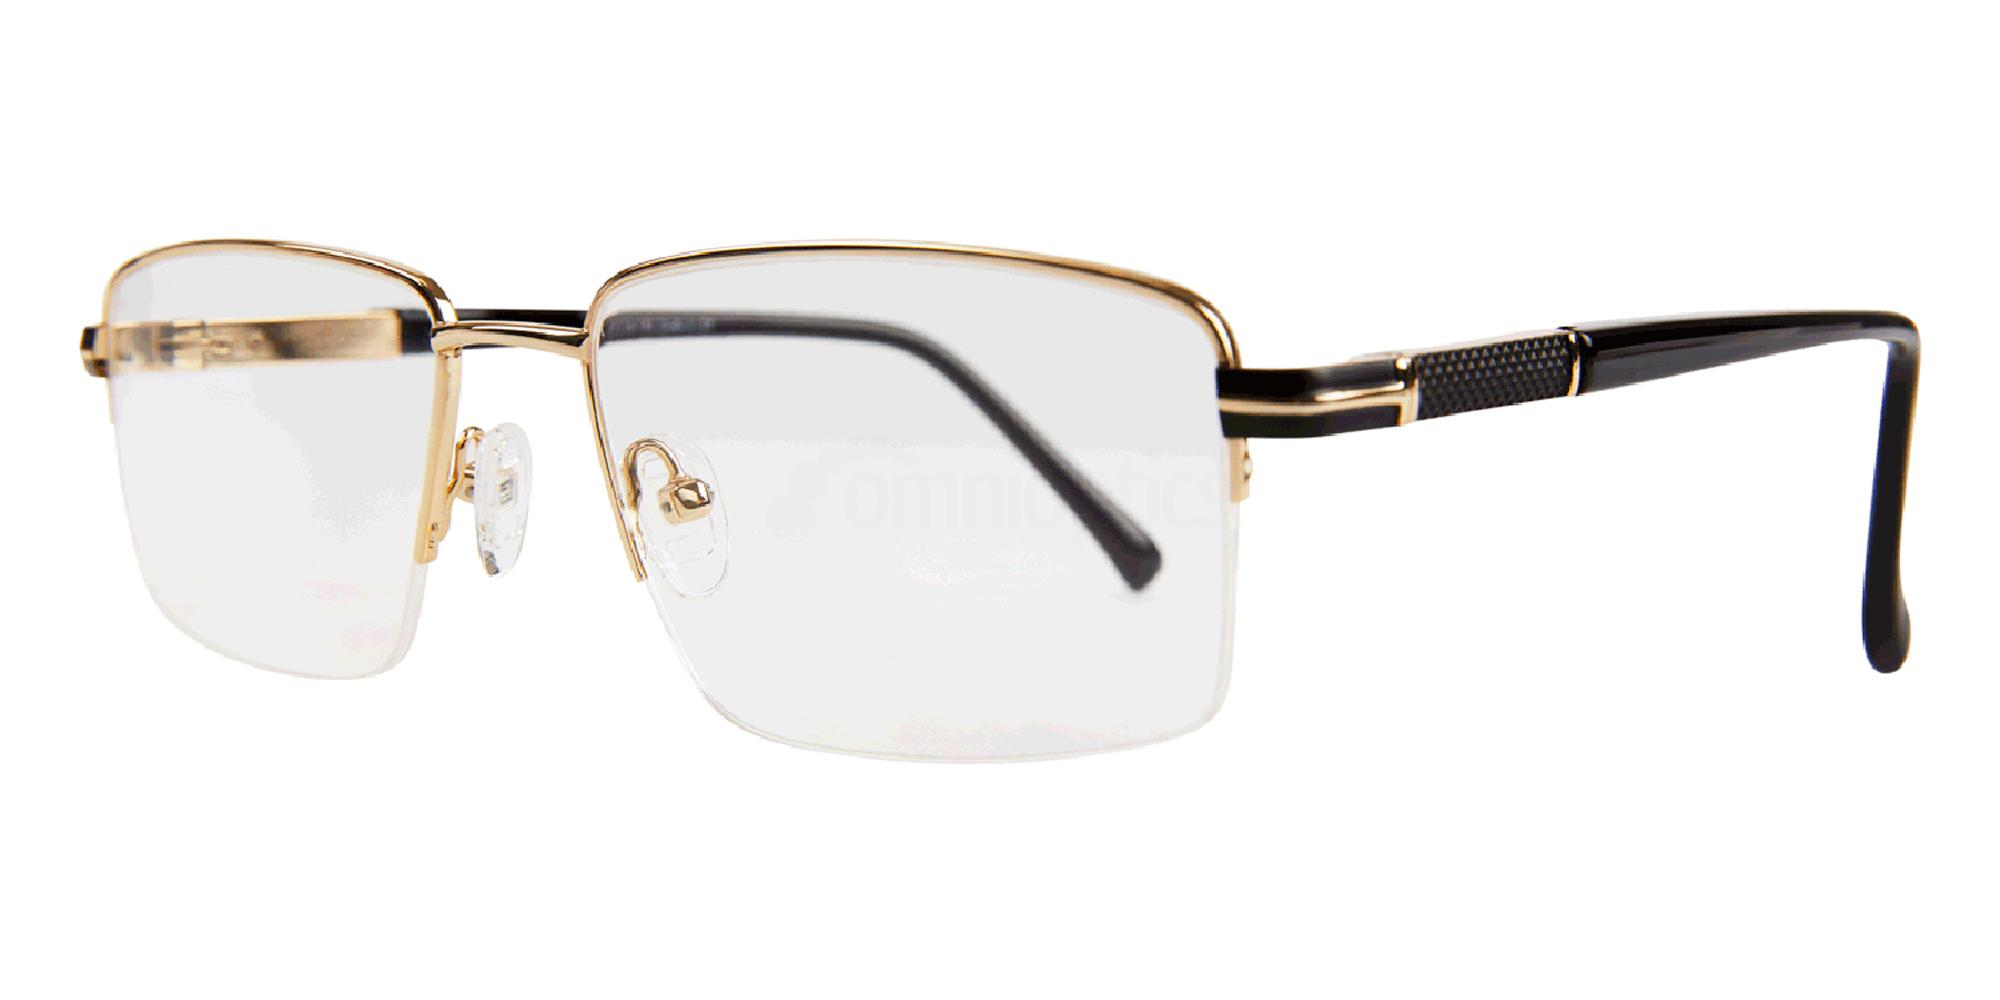 C1 3646 Titanium Glasses, Julian Beaumont